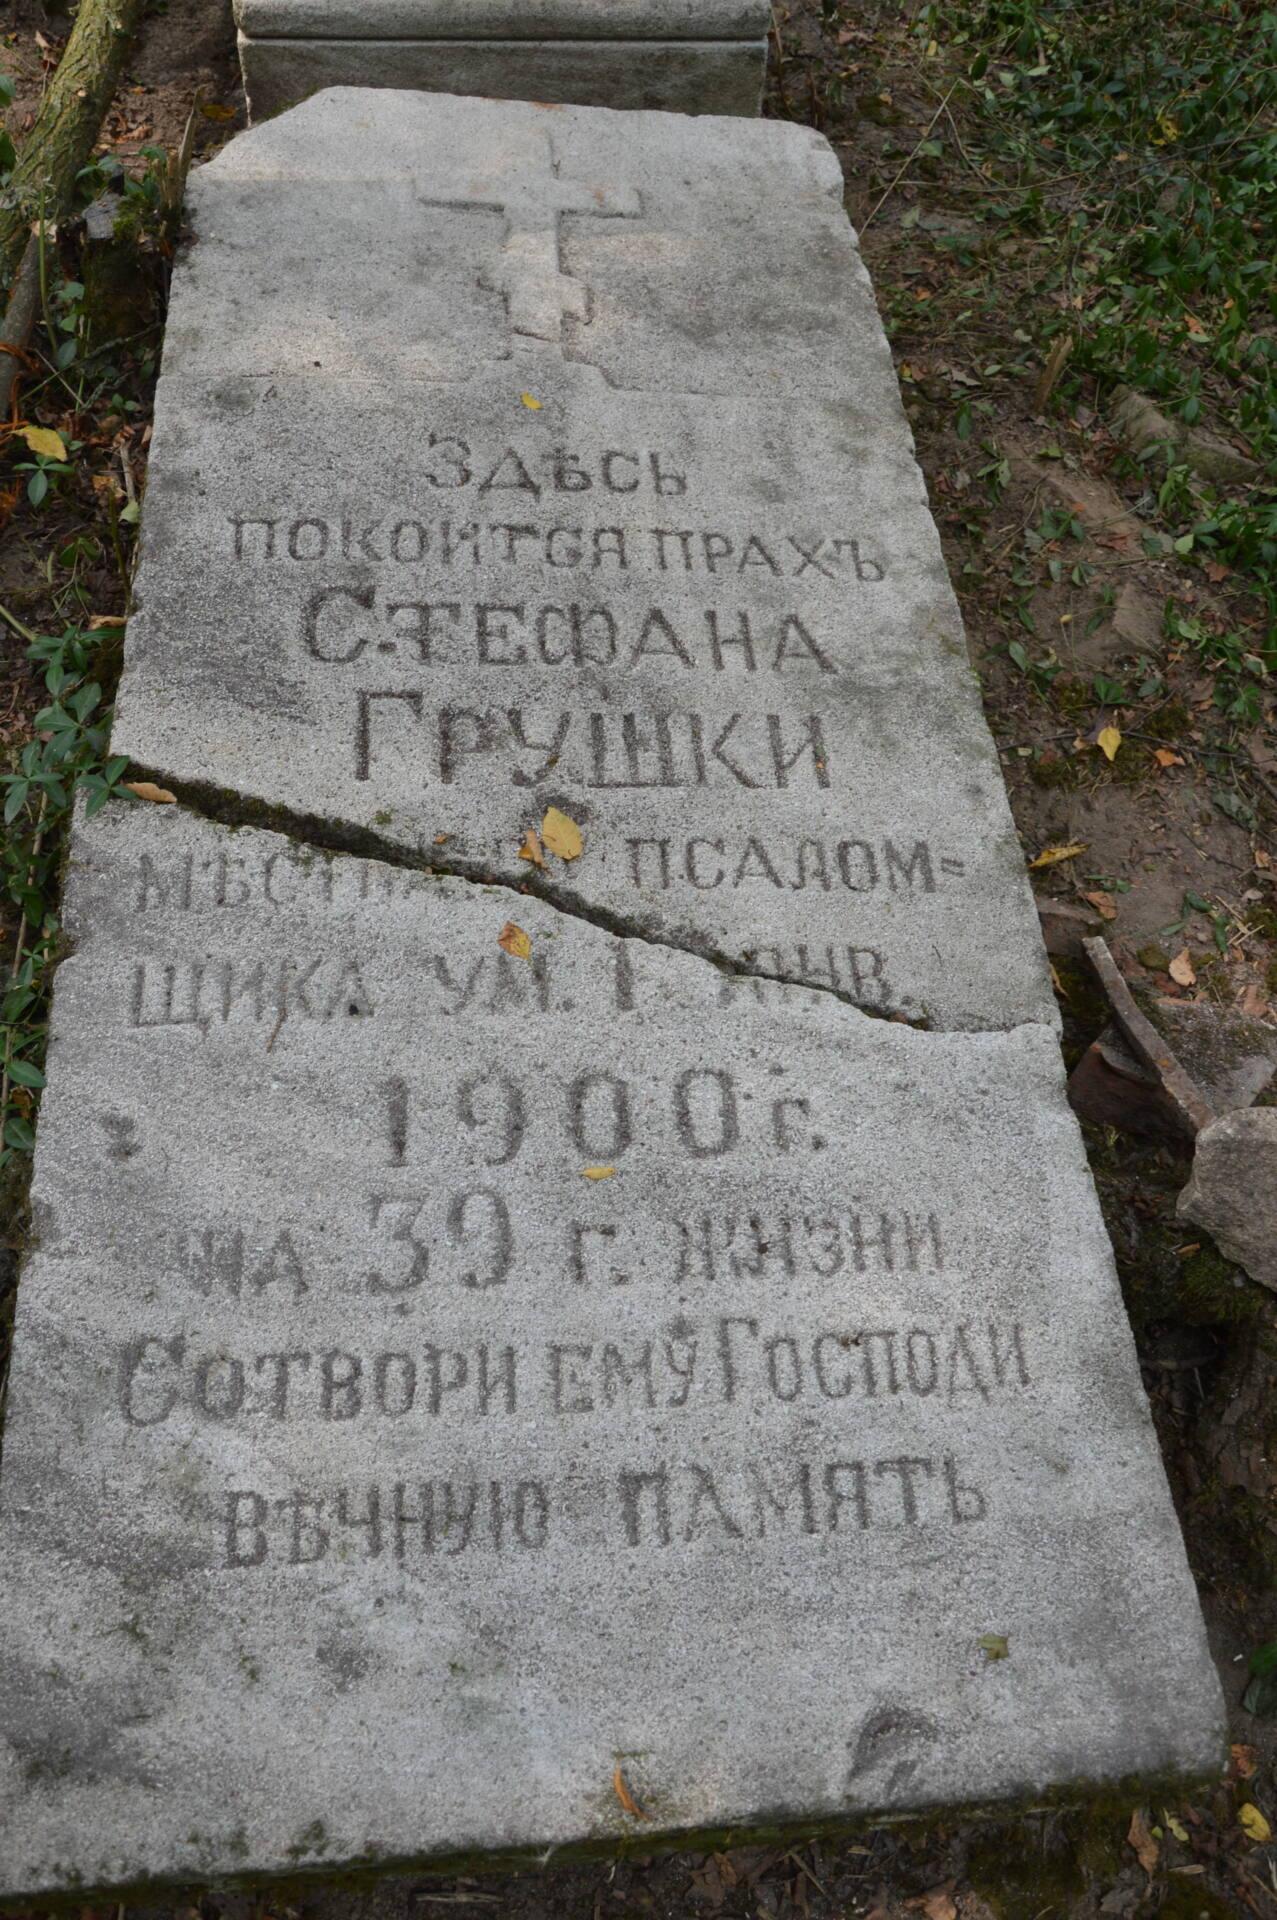 dsc 3393 Zadbajmy o zapomniane cmentarze Zamojszczyzny. Zaproszenie do współpracy.